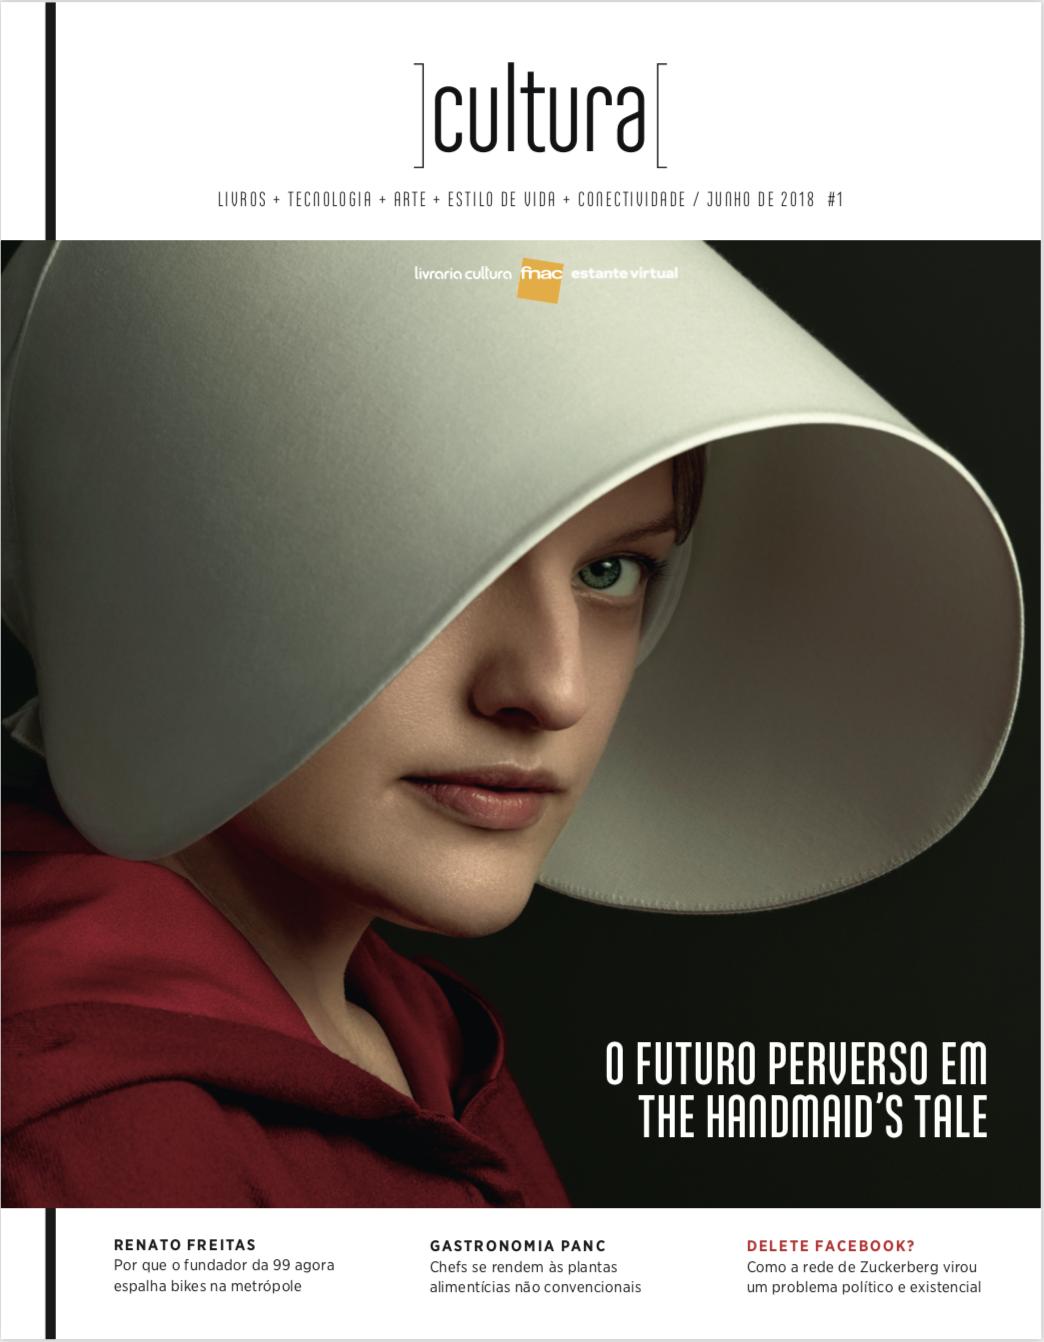 Text Revista Cultura: O CEO DO BATIDÃO